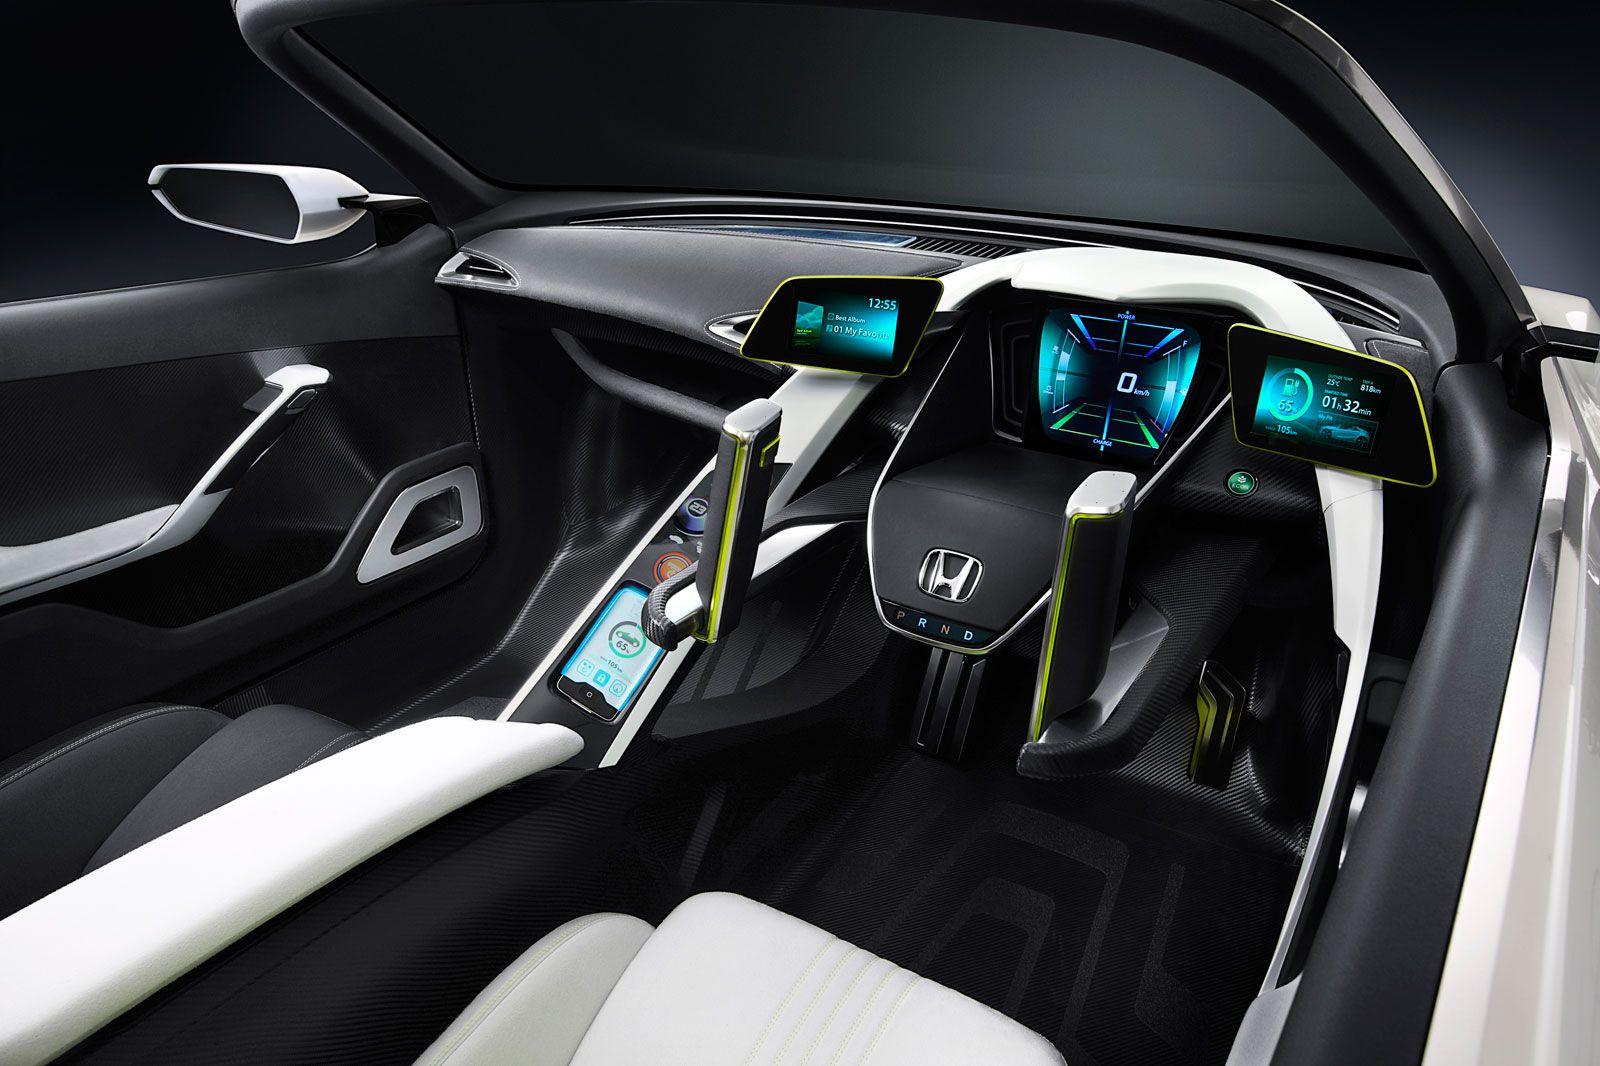 honda-ev-ster-concept-interior-02-go-ride-it-honda-ev-ster-concept